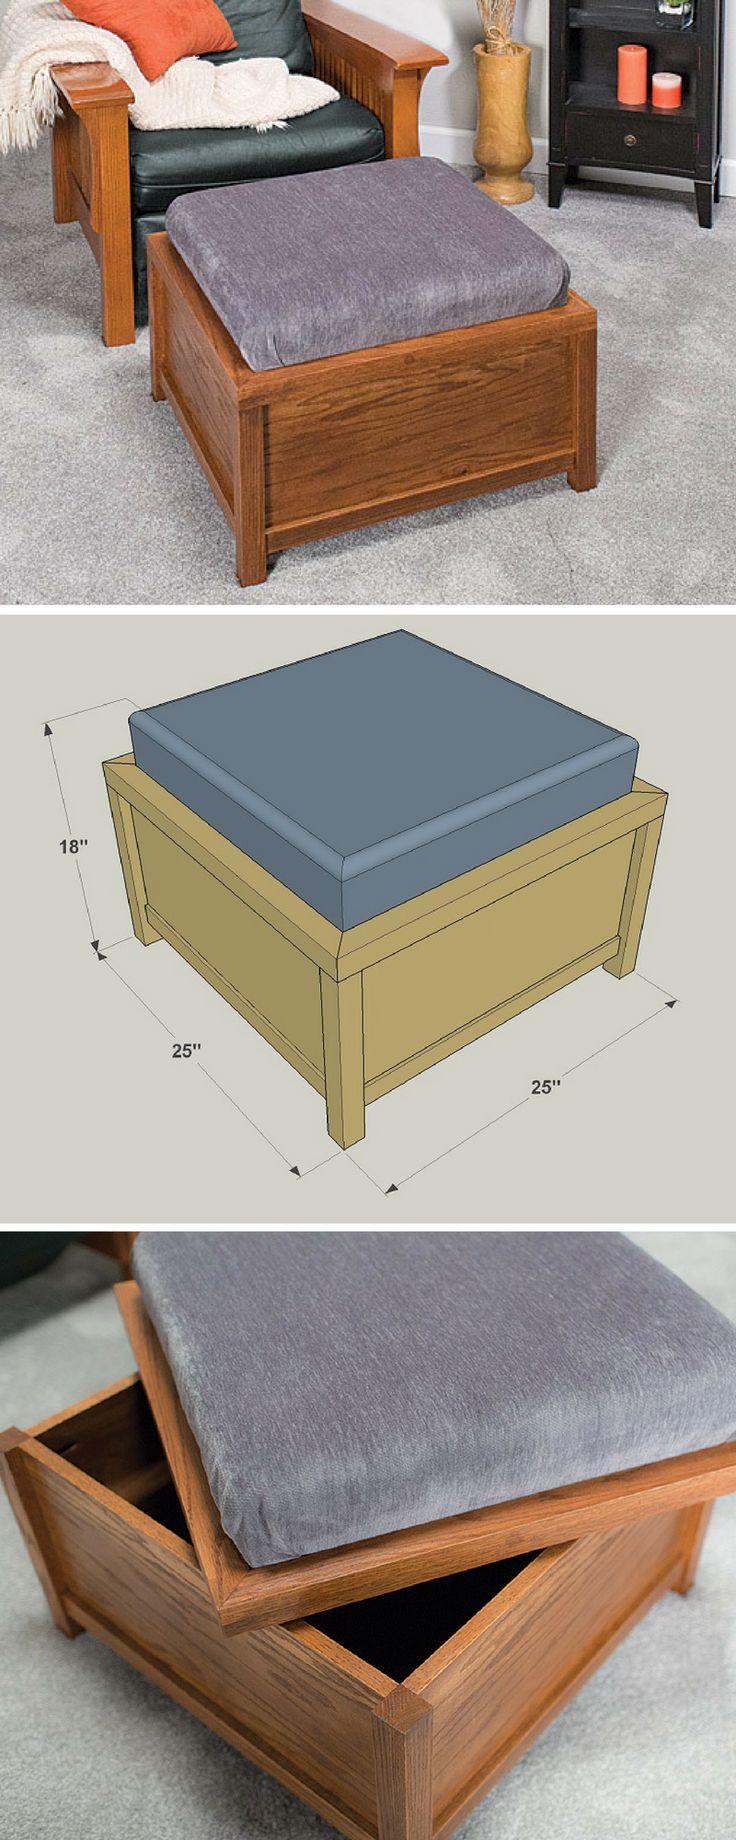 Best 25+ Small storage ottoman ideas on Pinterest | DIY ...